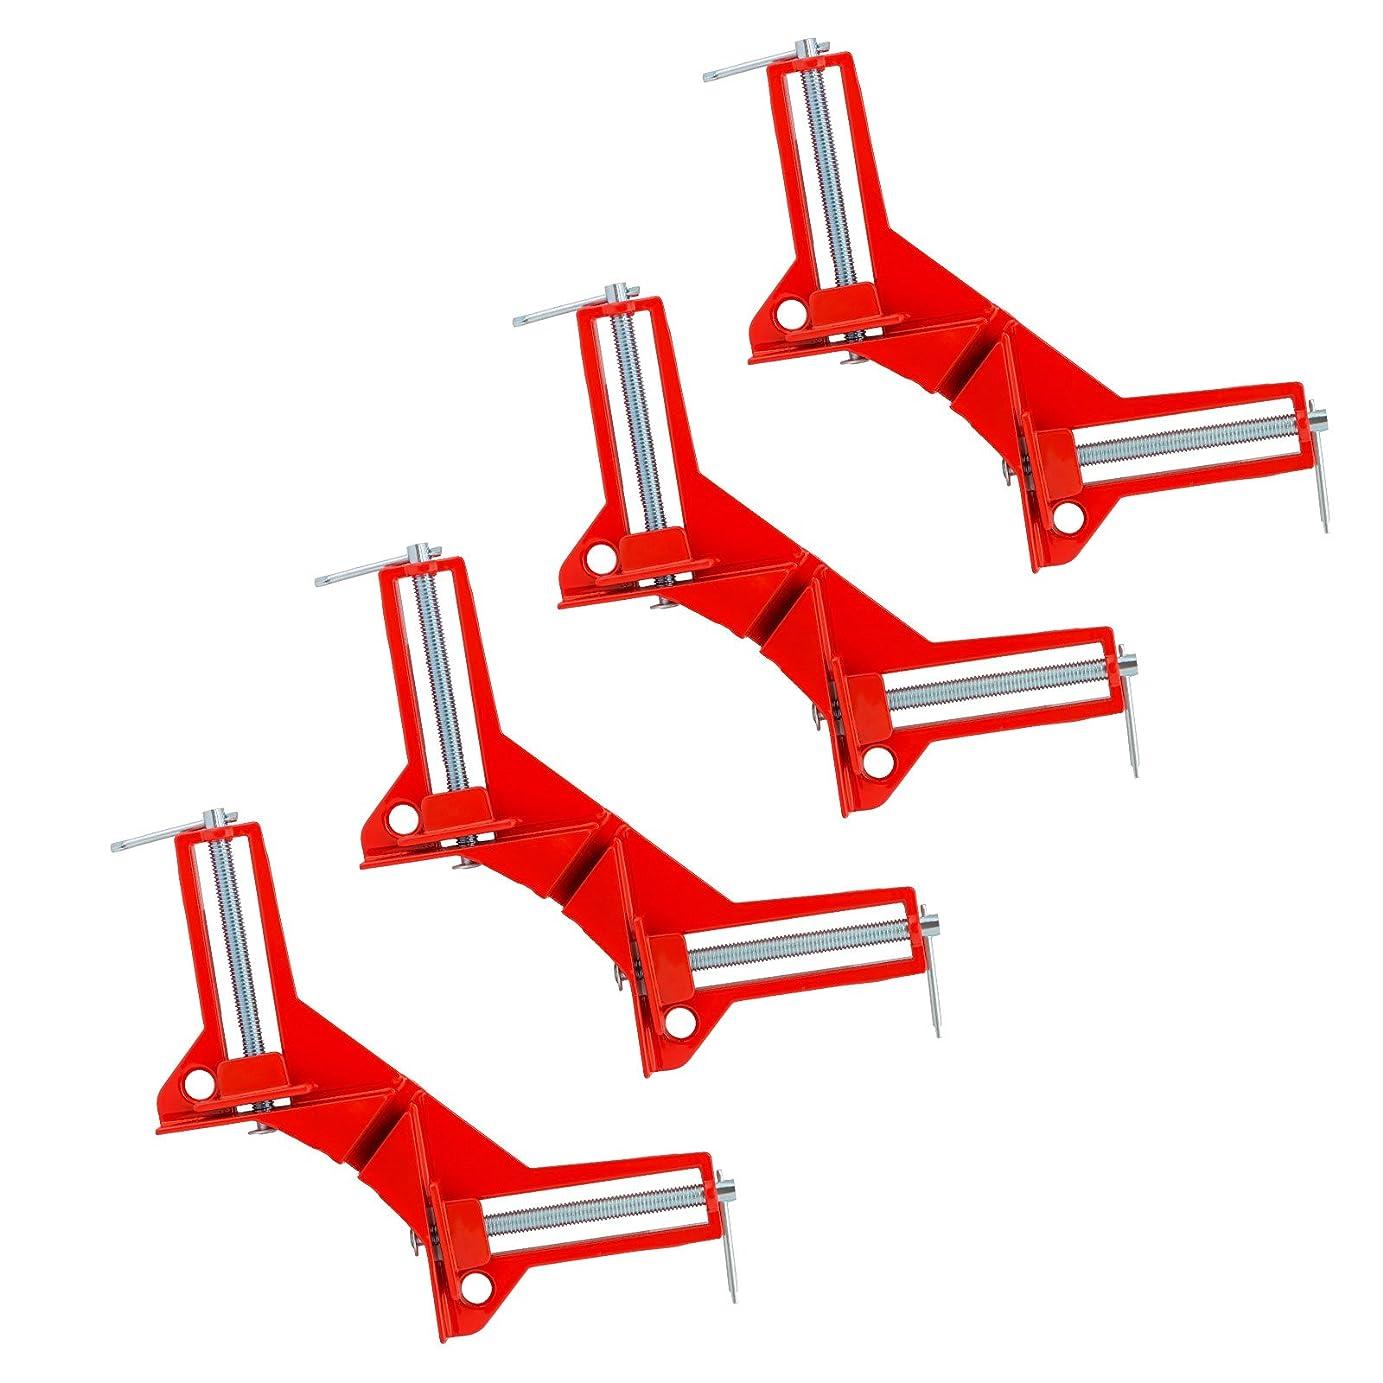 剥離感謝する退屈GWHOLE クランプ コーナー 4個 セット 90° 直角 木工定規 直角定規 固定板幅 75mm以下